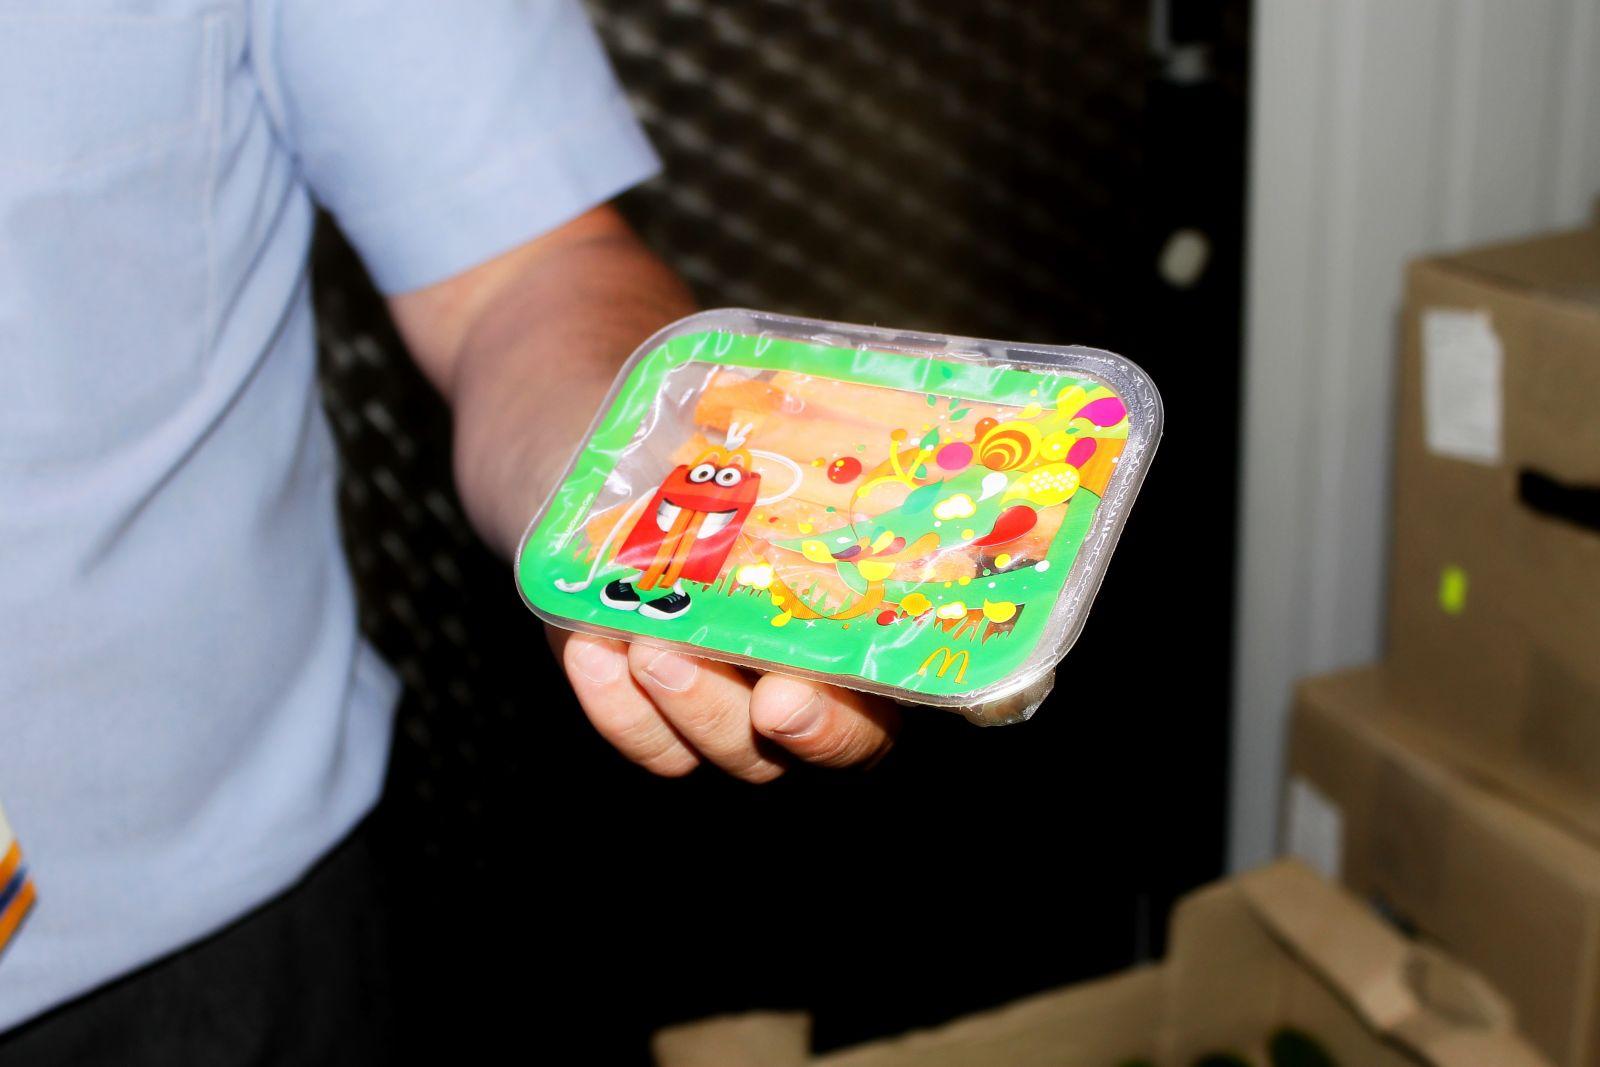 Развеивая мифы о McDonald's: о чем не знают посетители, заказывая еду - фото №2